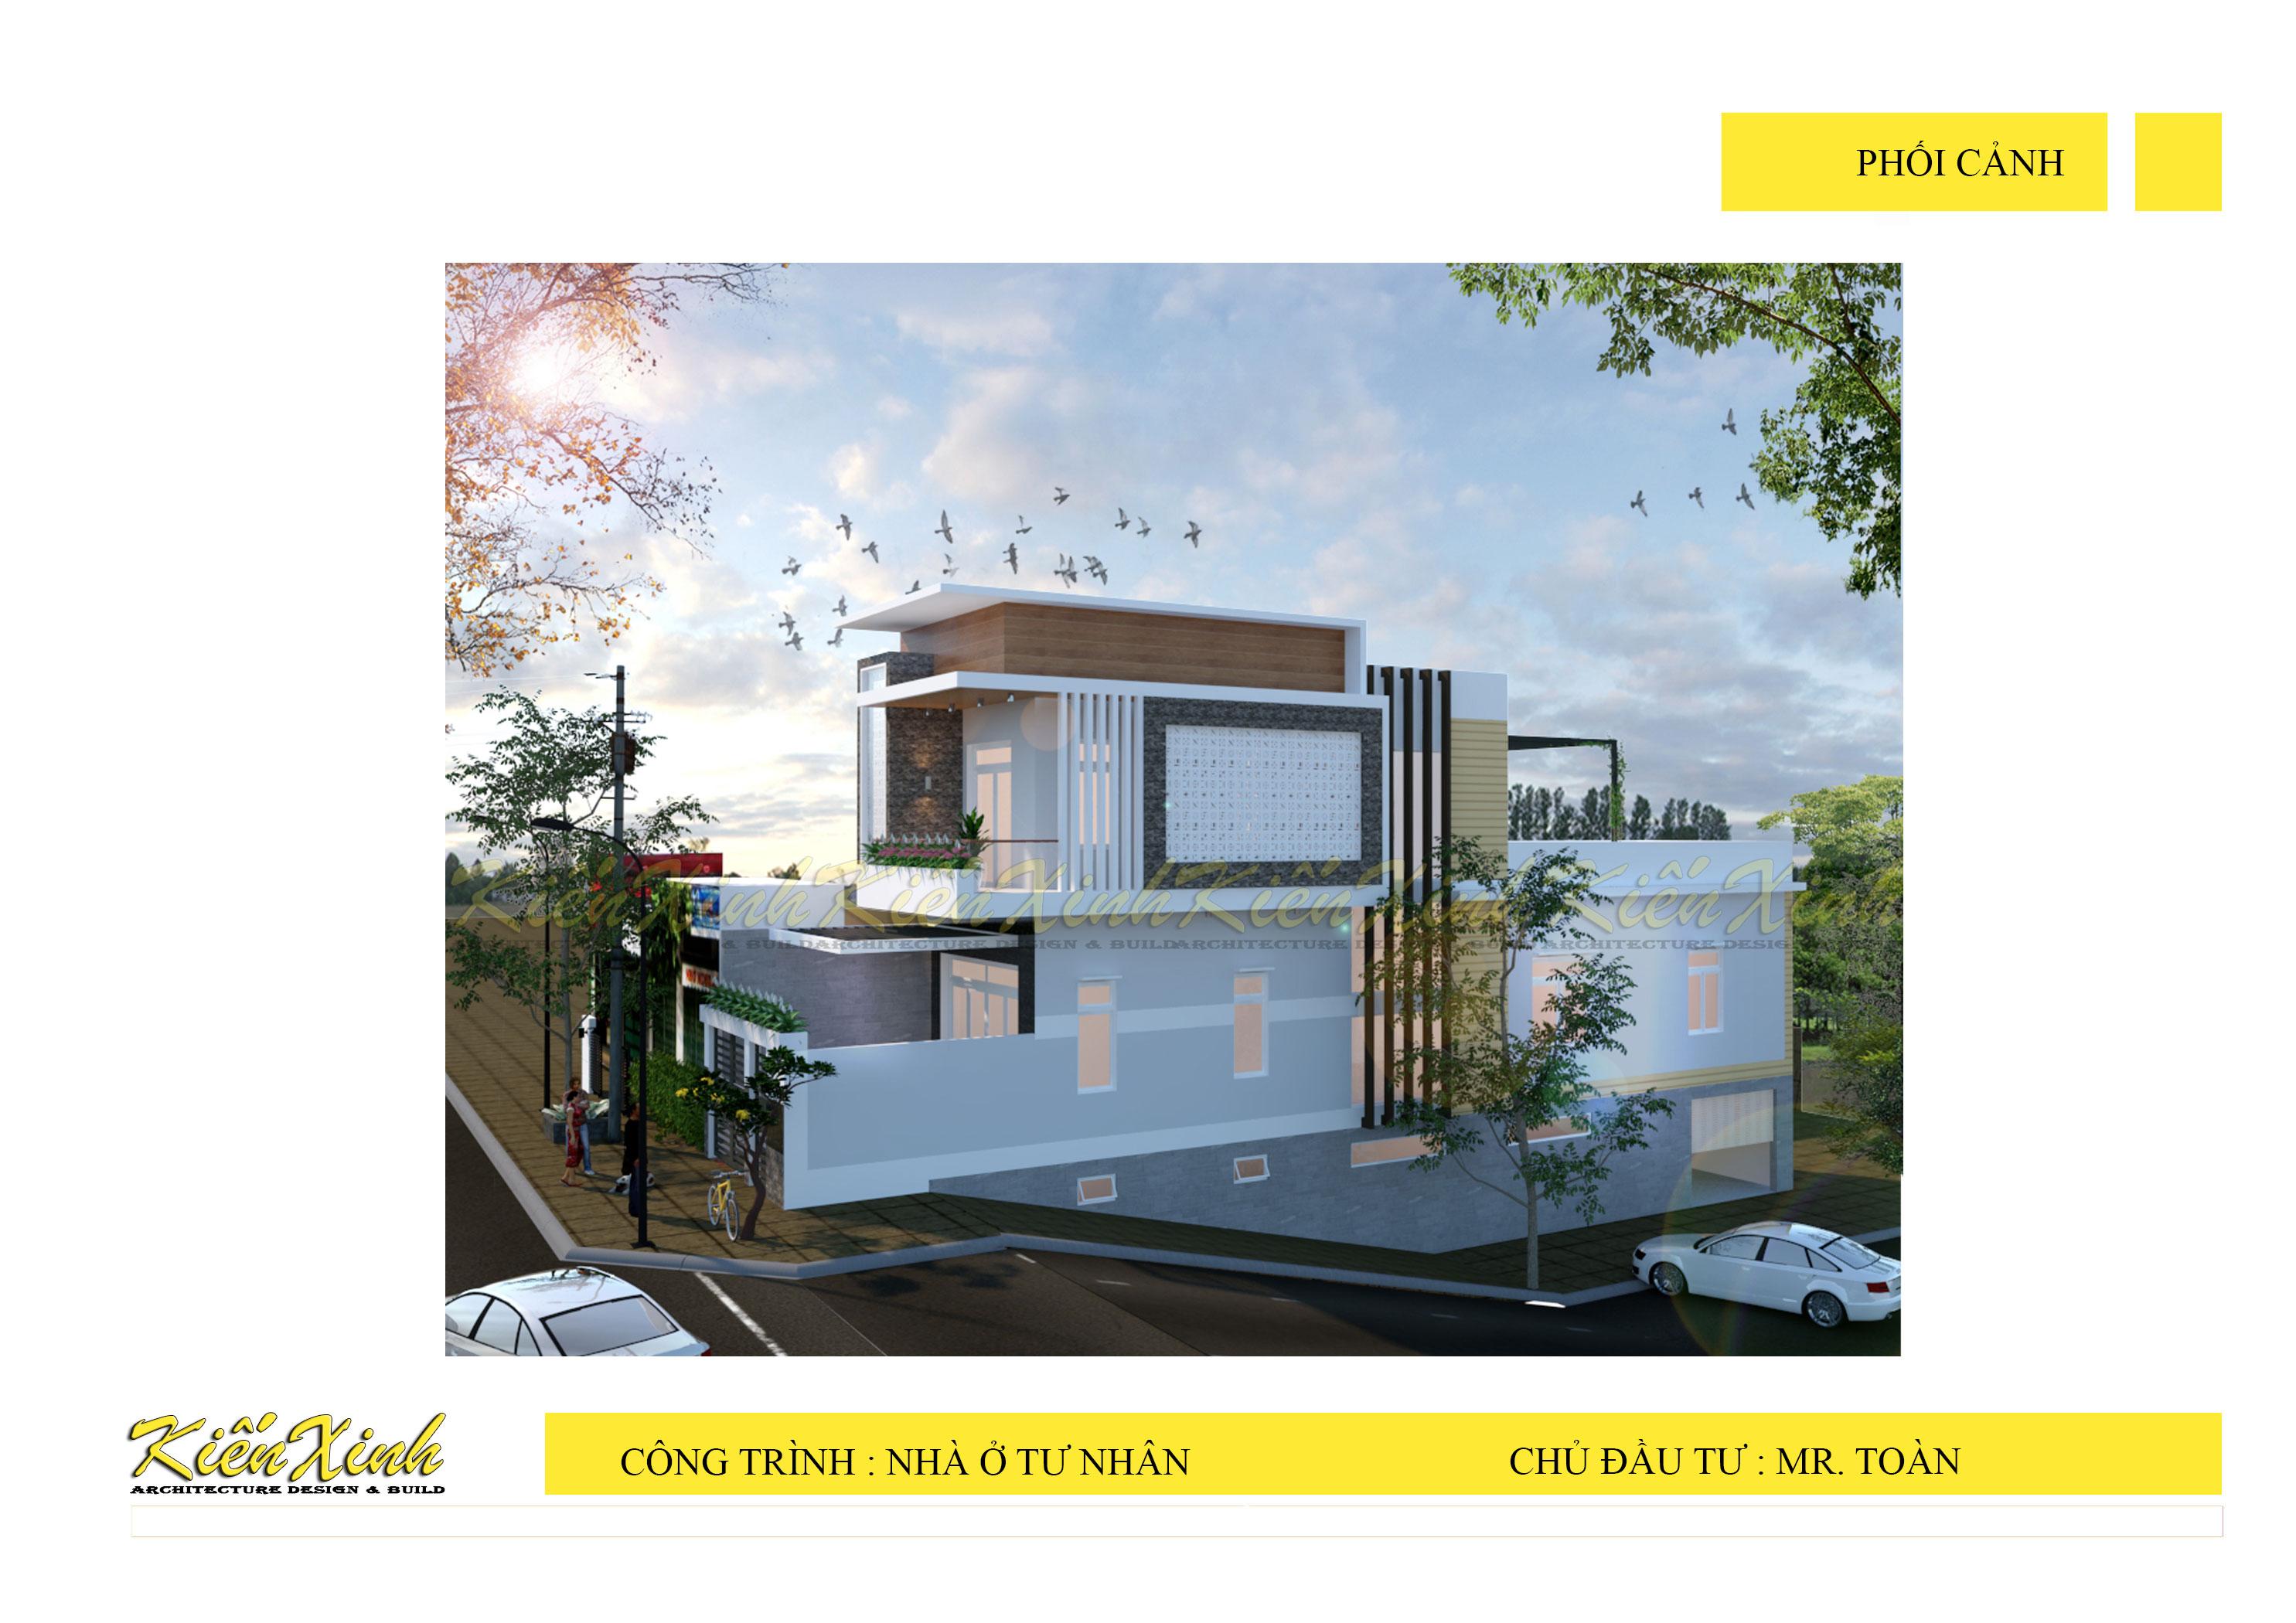 .KIEN XINH CO.,LTD chuyên tư vấn thiết kế kiến trúc và xây dựng nhà phố biệt thự nhà hàng ....Địa chi :142 Trần Quý Cáp, TP.Pleiku, Gia Lai . LH : 0989500585